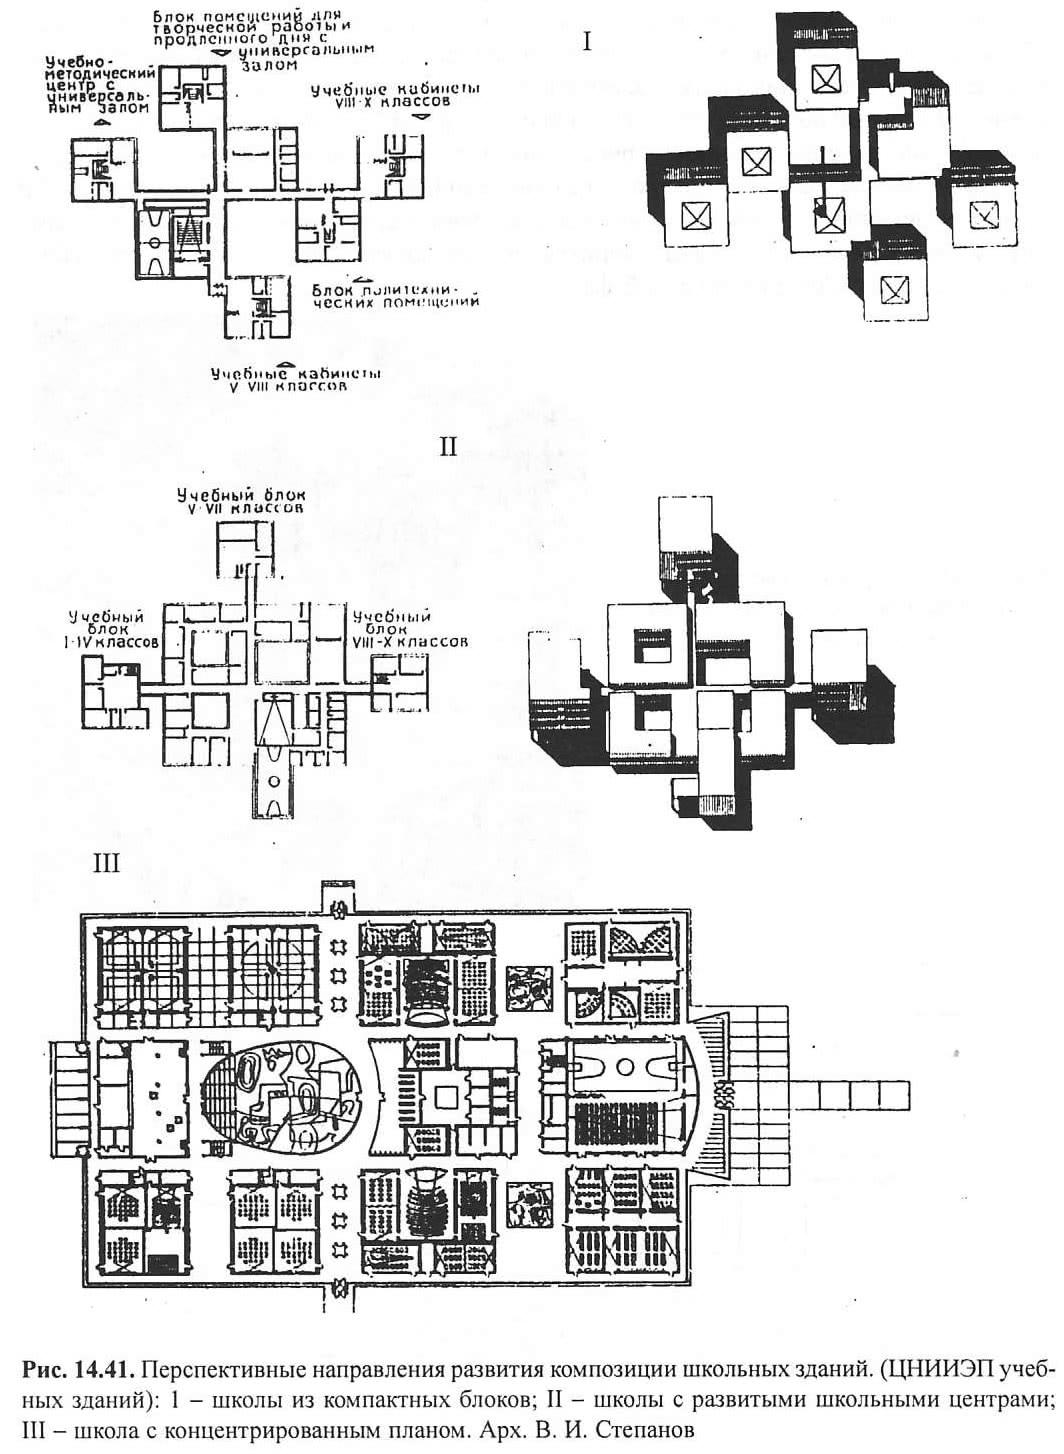 Рис. 14.41. Перспективные направления развития композиции школьных зданий